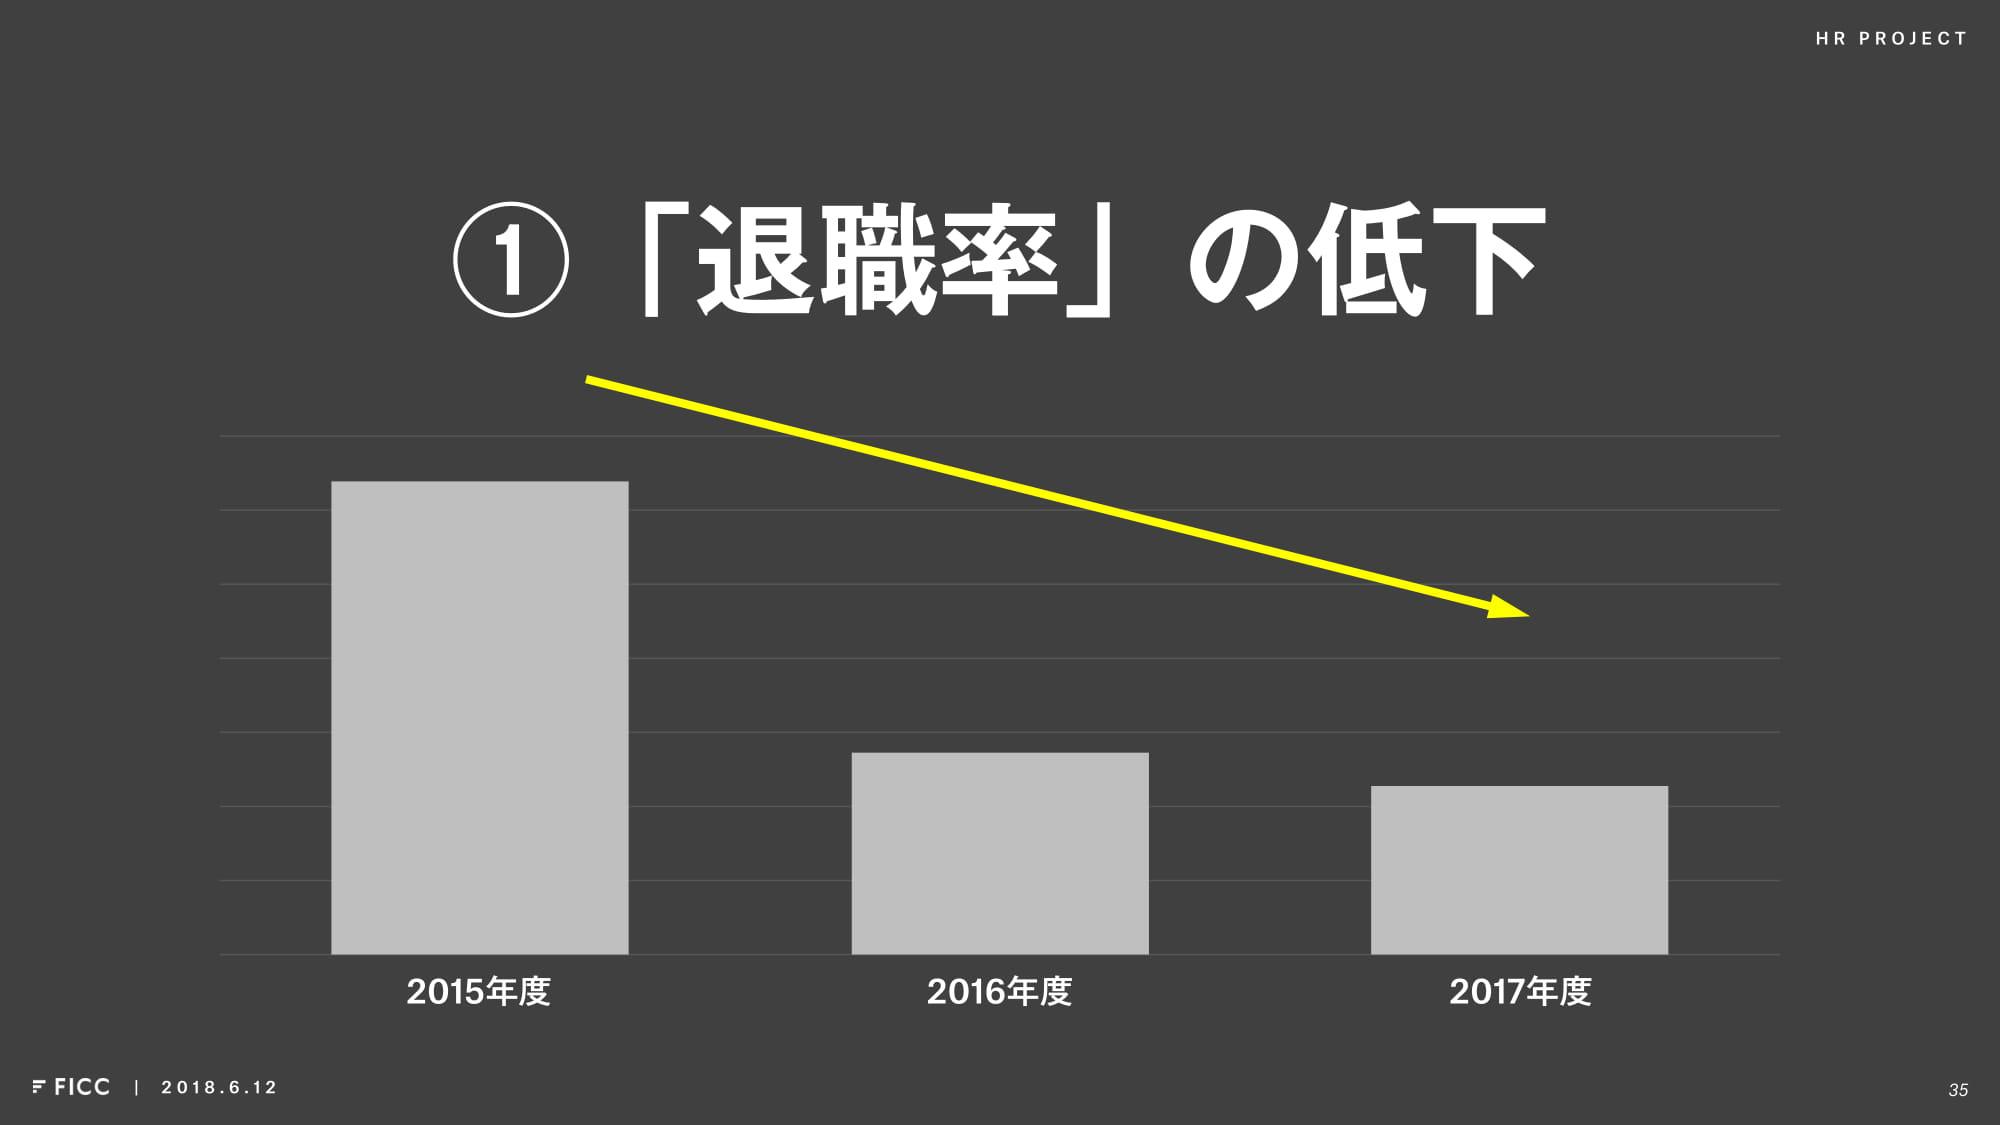 プロジェクトの結果-退職率の低下